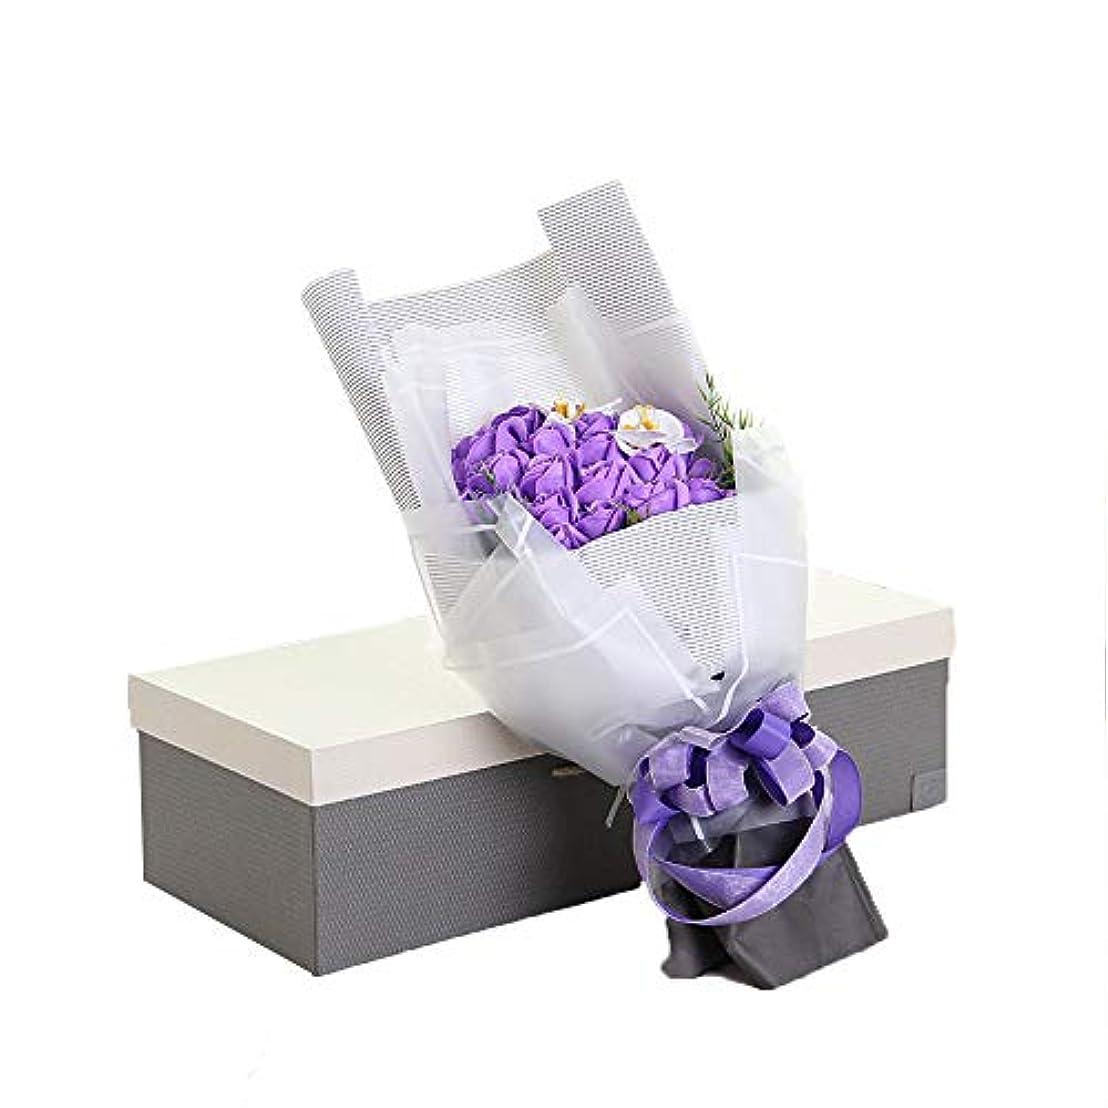 粘液十代トラブル手作り29石鹸花の花束ギフトボックス、女性のためのギフトバレンタインデー、母の日、結婚式、クリスマス、誕生日(ベアカラーランダム) (色 : 紫の)